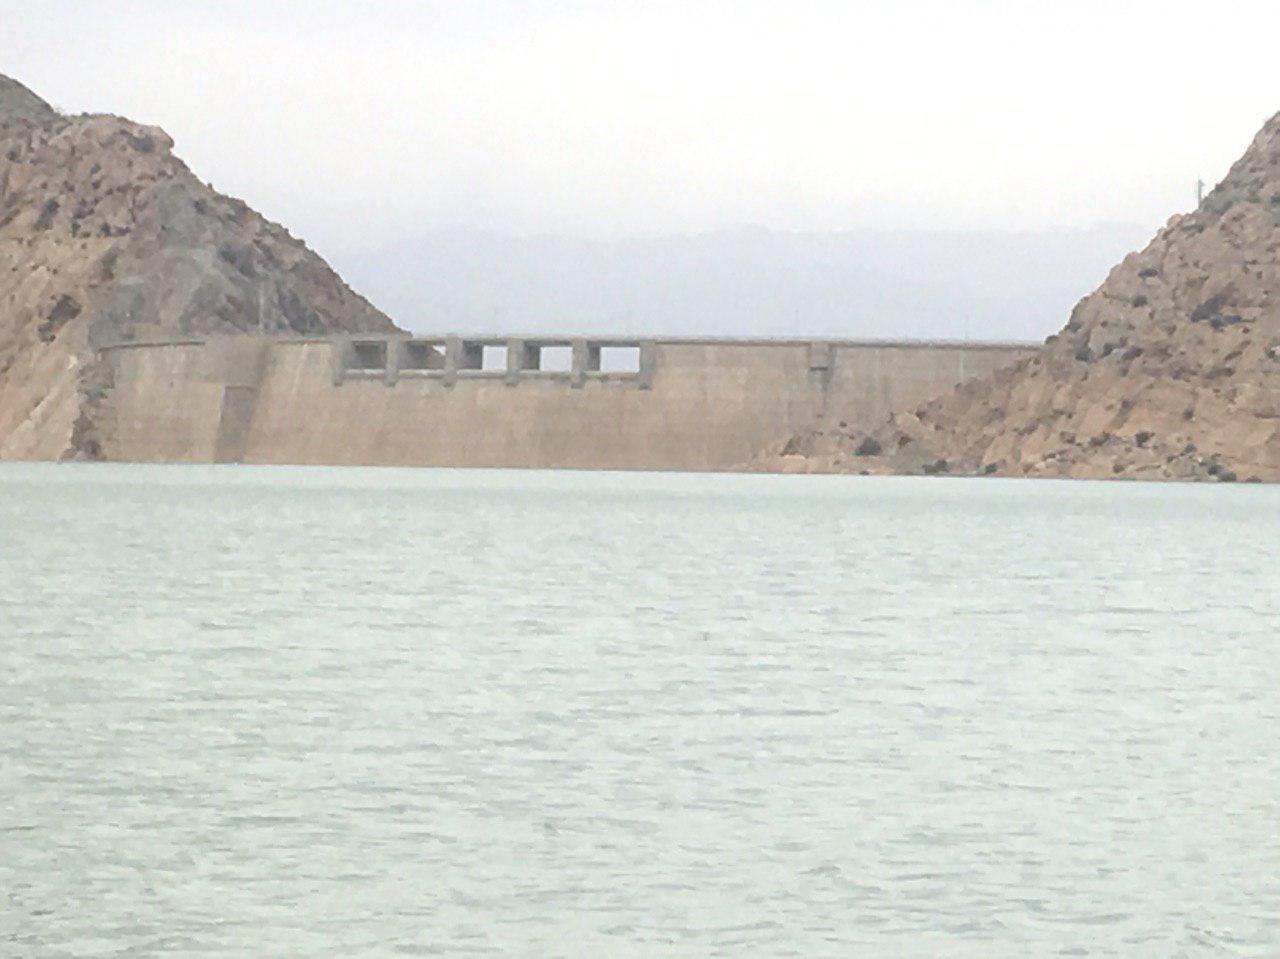 آخرین دریچه ی سد ساوه هم  زیر آب رفت